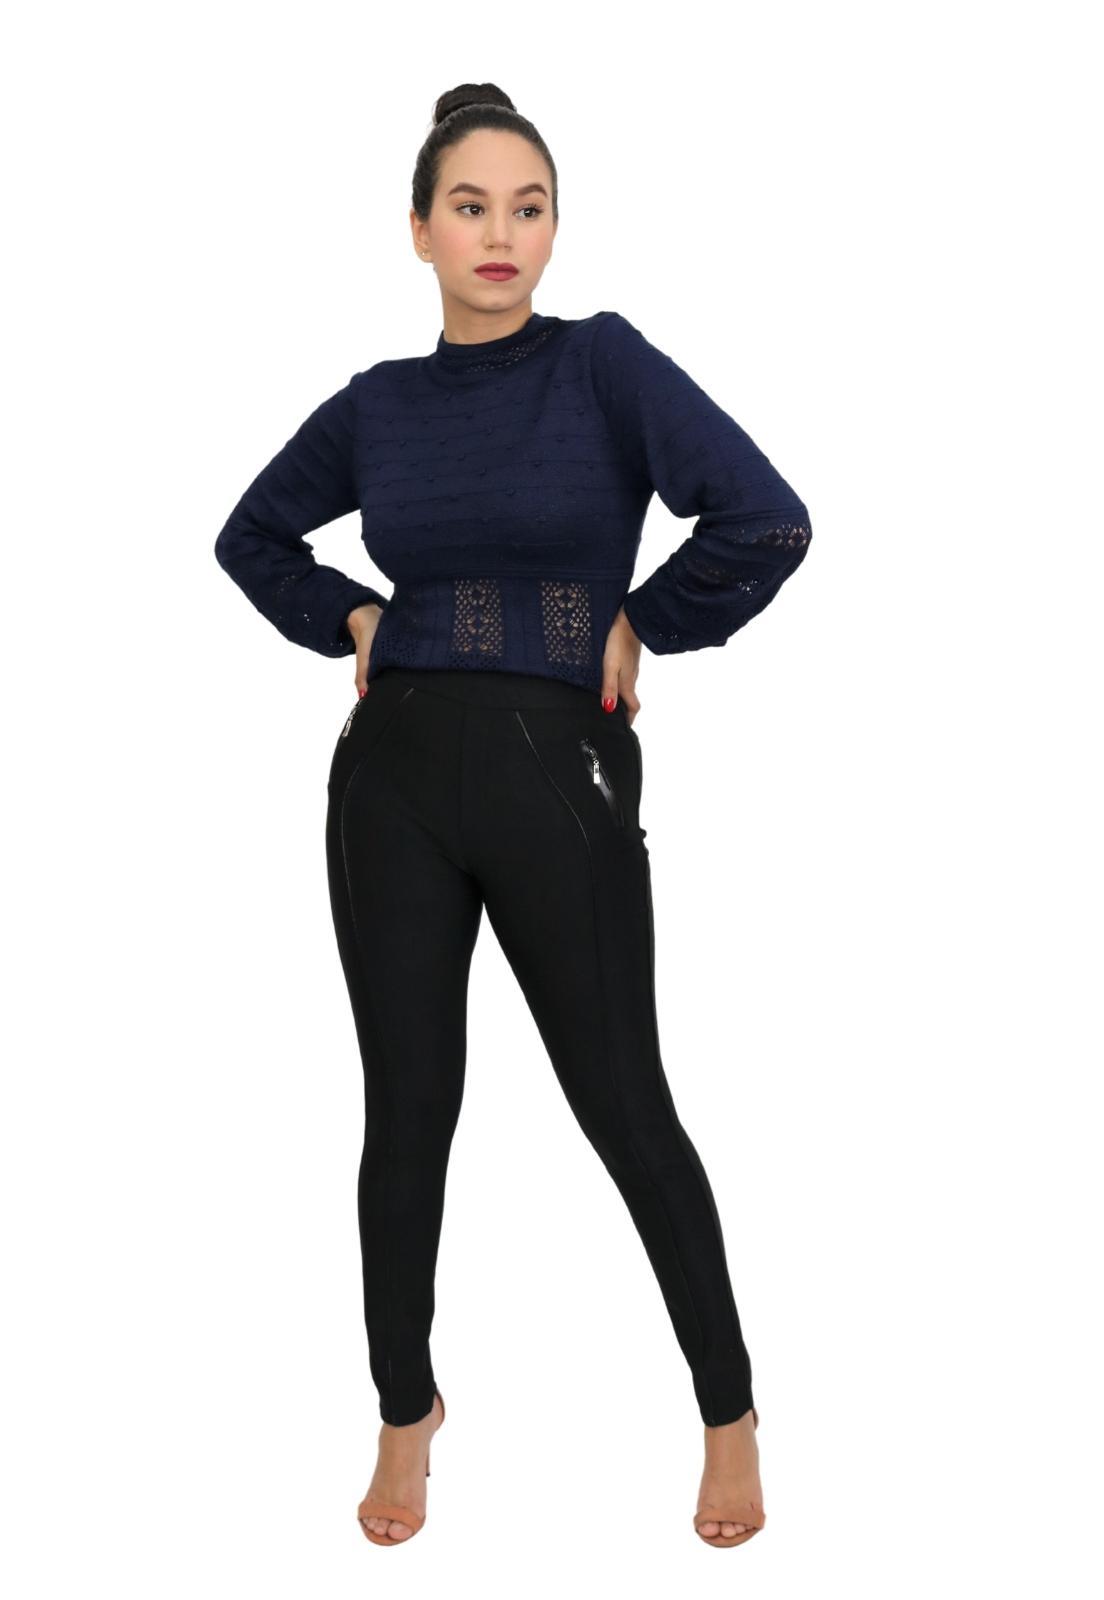 Calça Feminina Legging Skinny Detalhe Couro e Zíper